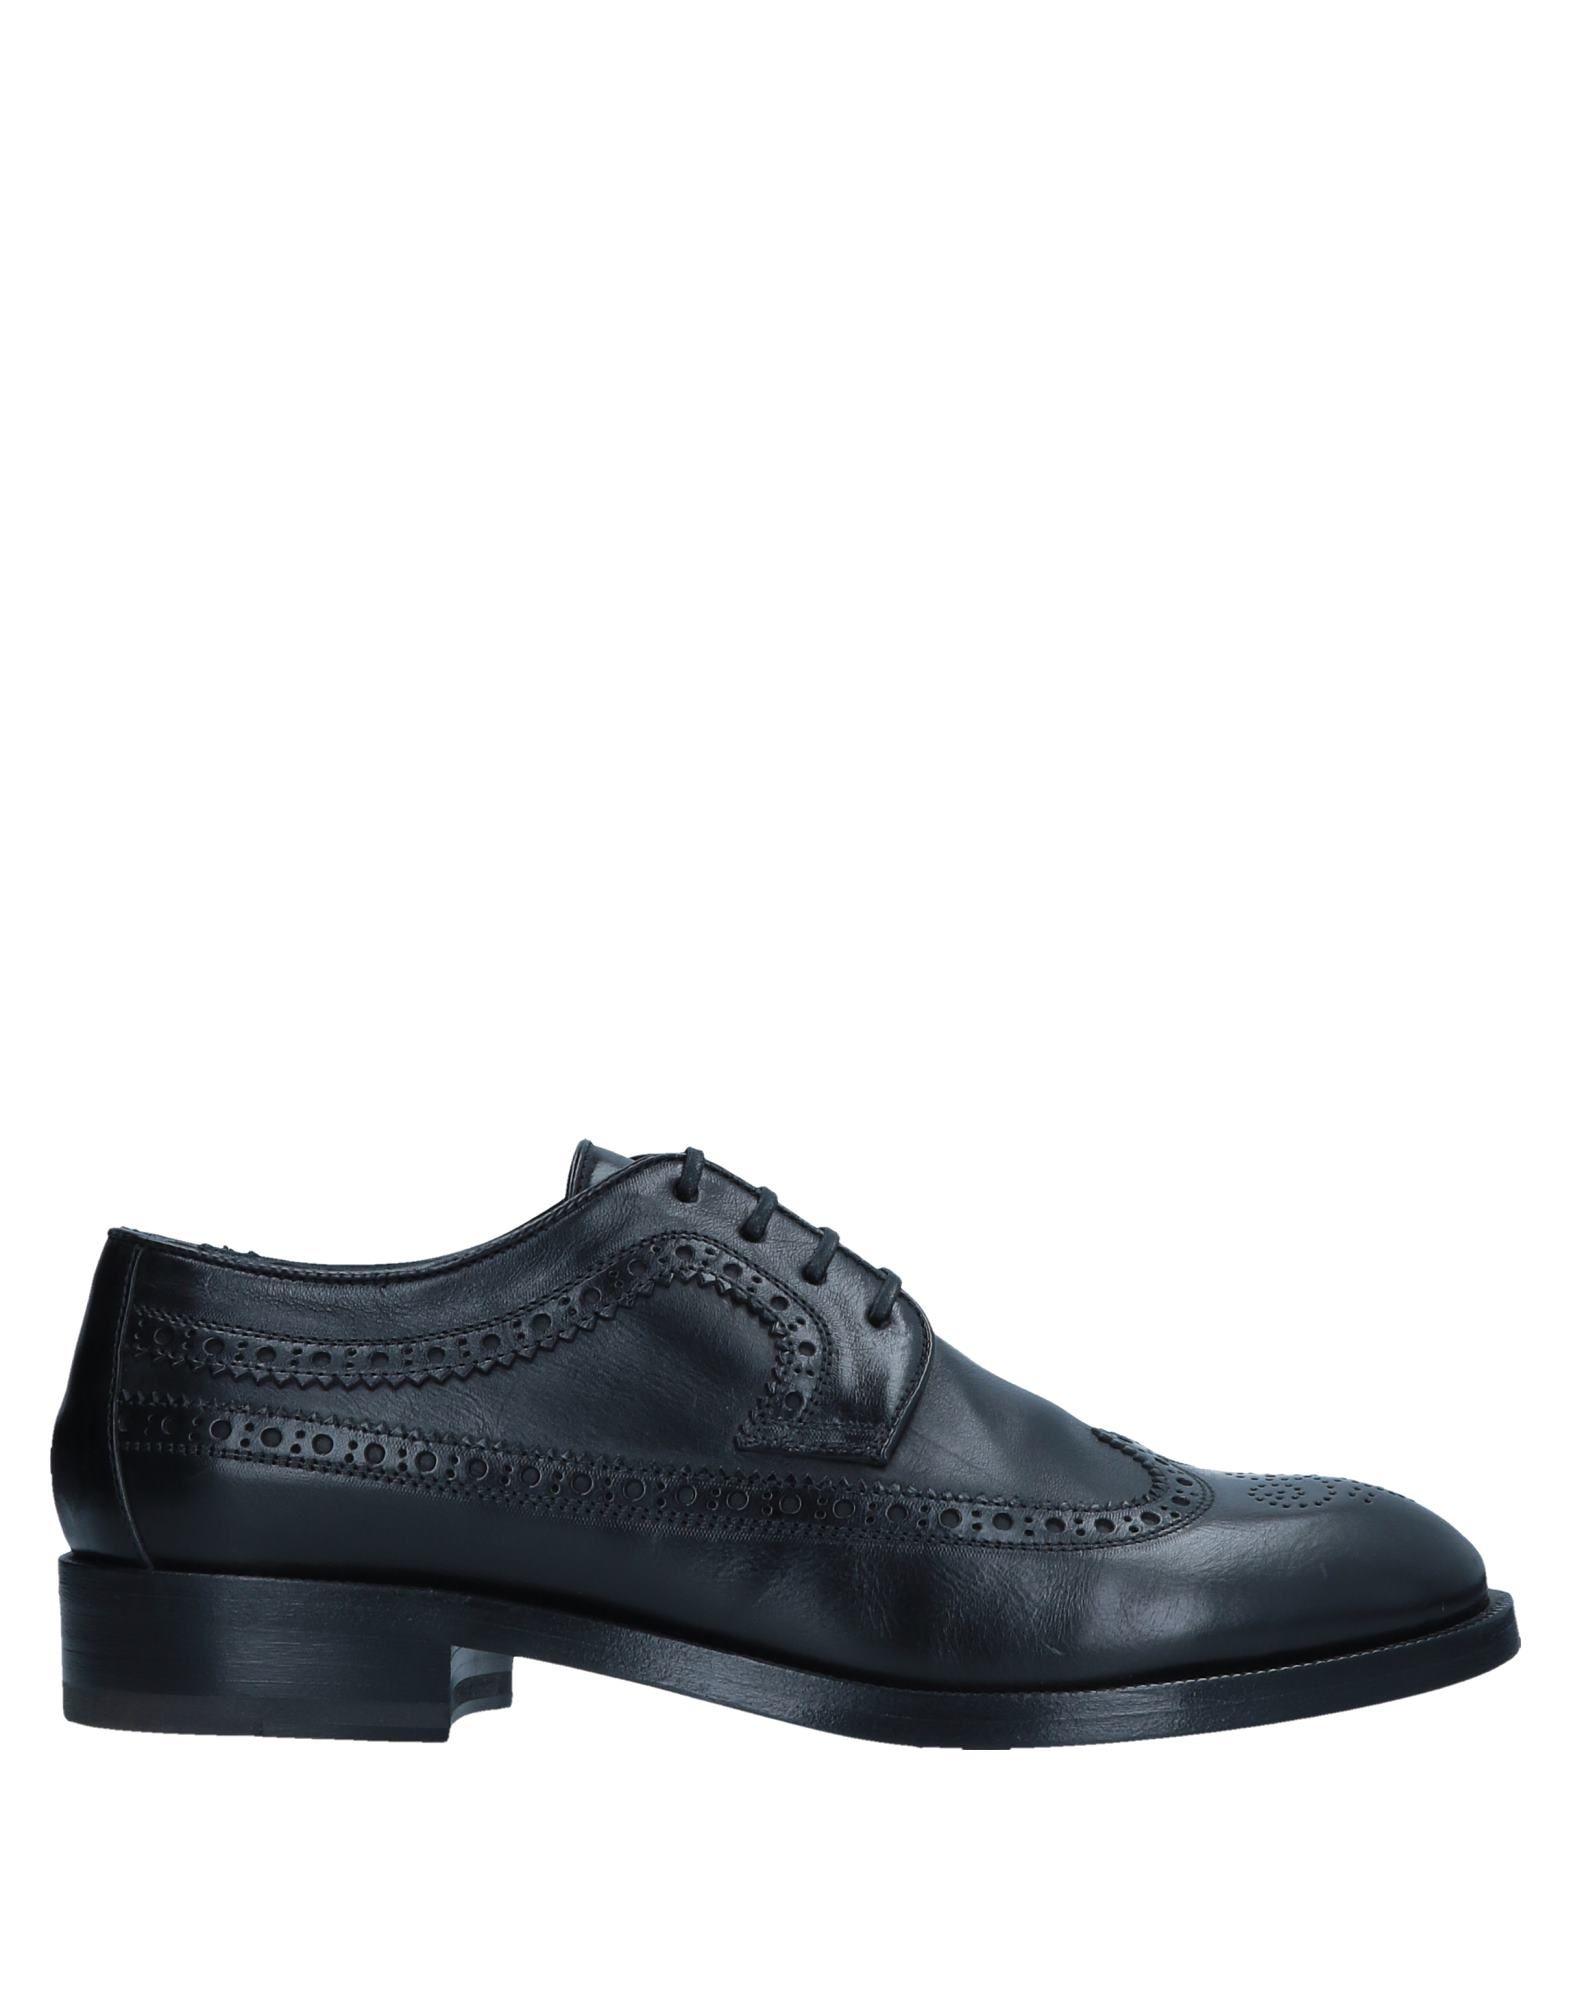 Фото - BUTTERO® Обувь на шнурках обувь на высокой платформе dkny